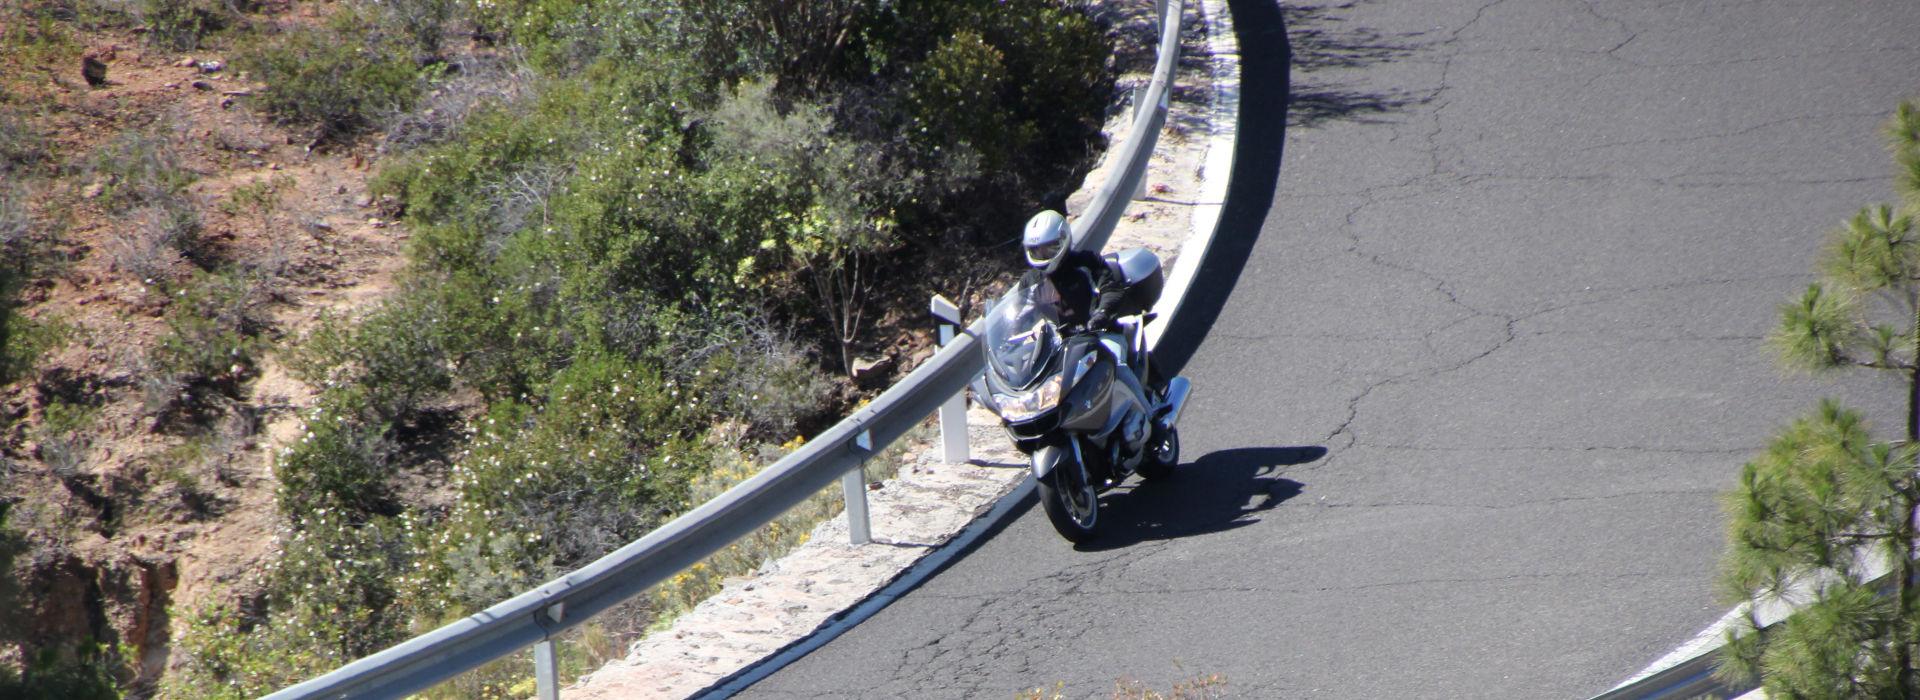 Motorrijbewijspoint Alkmaar spoed motorrijbewijs